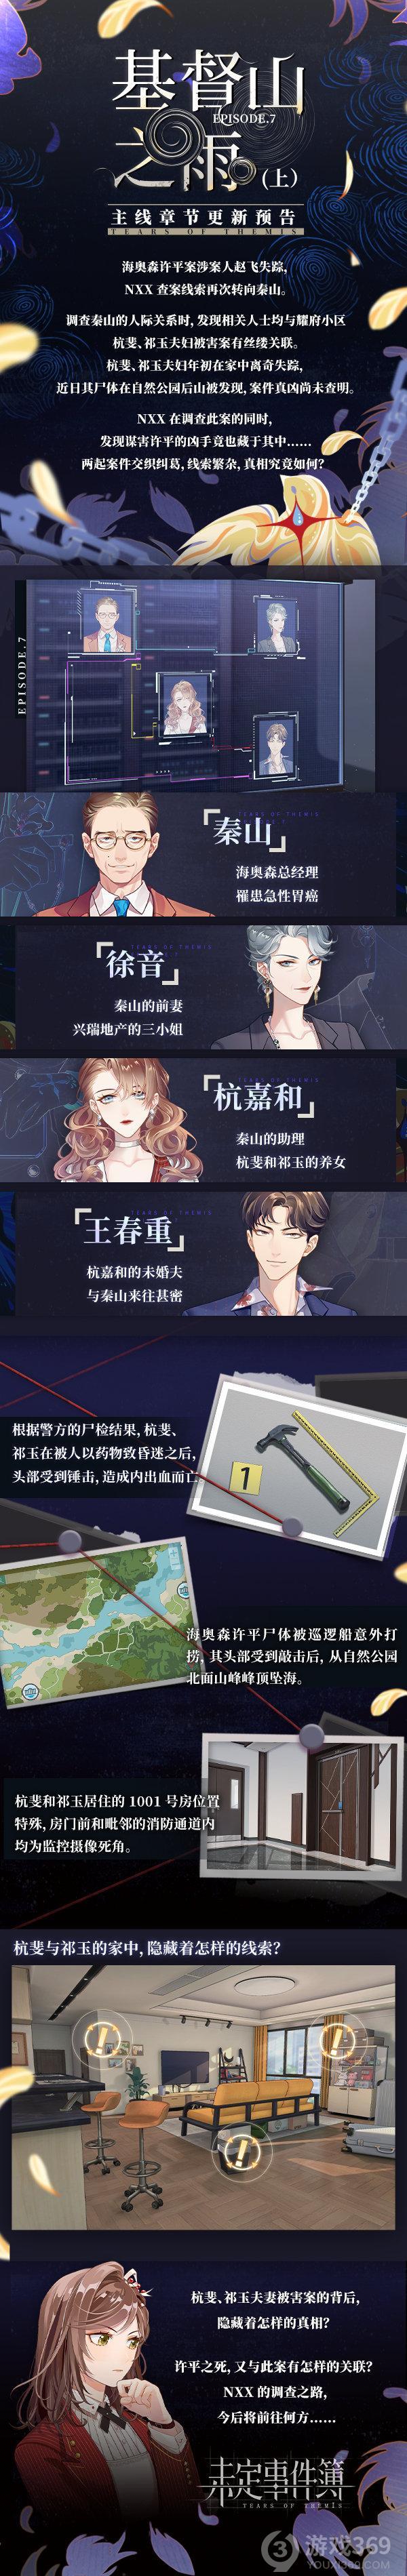 未定事件簿5月25日主线章节更新预告